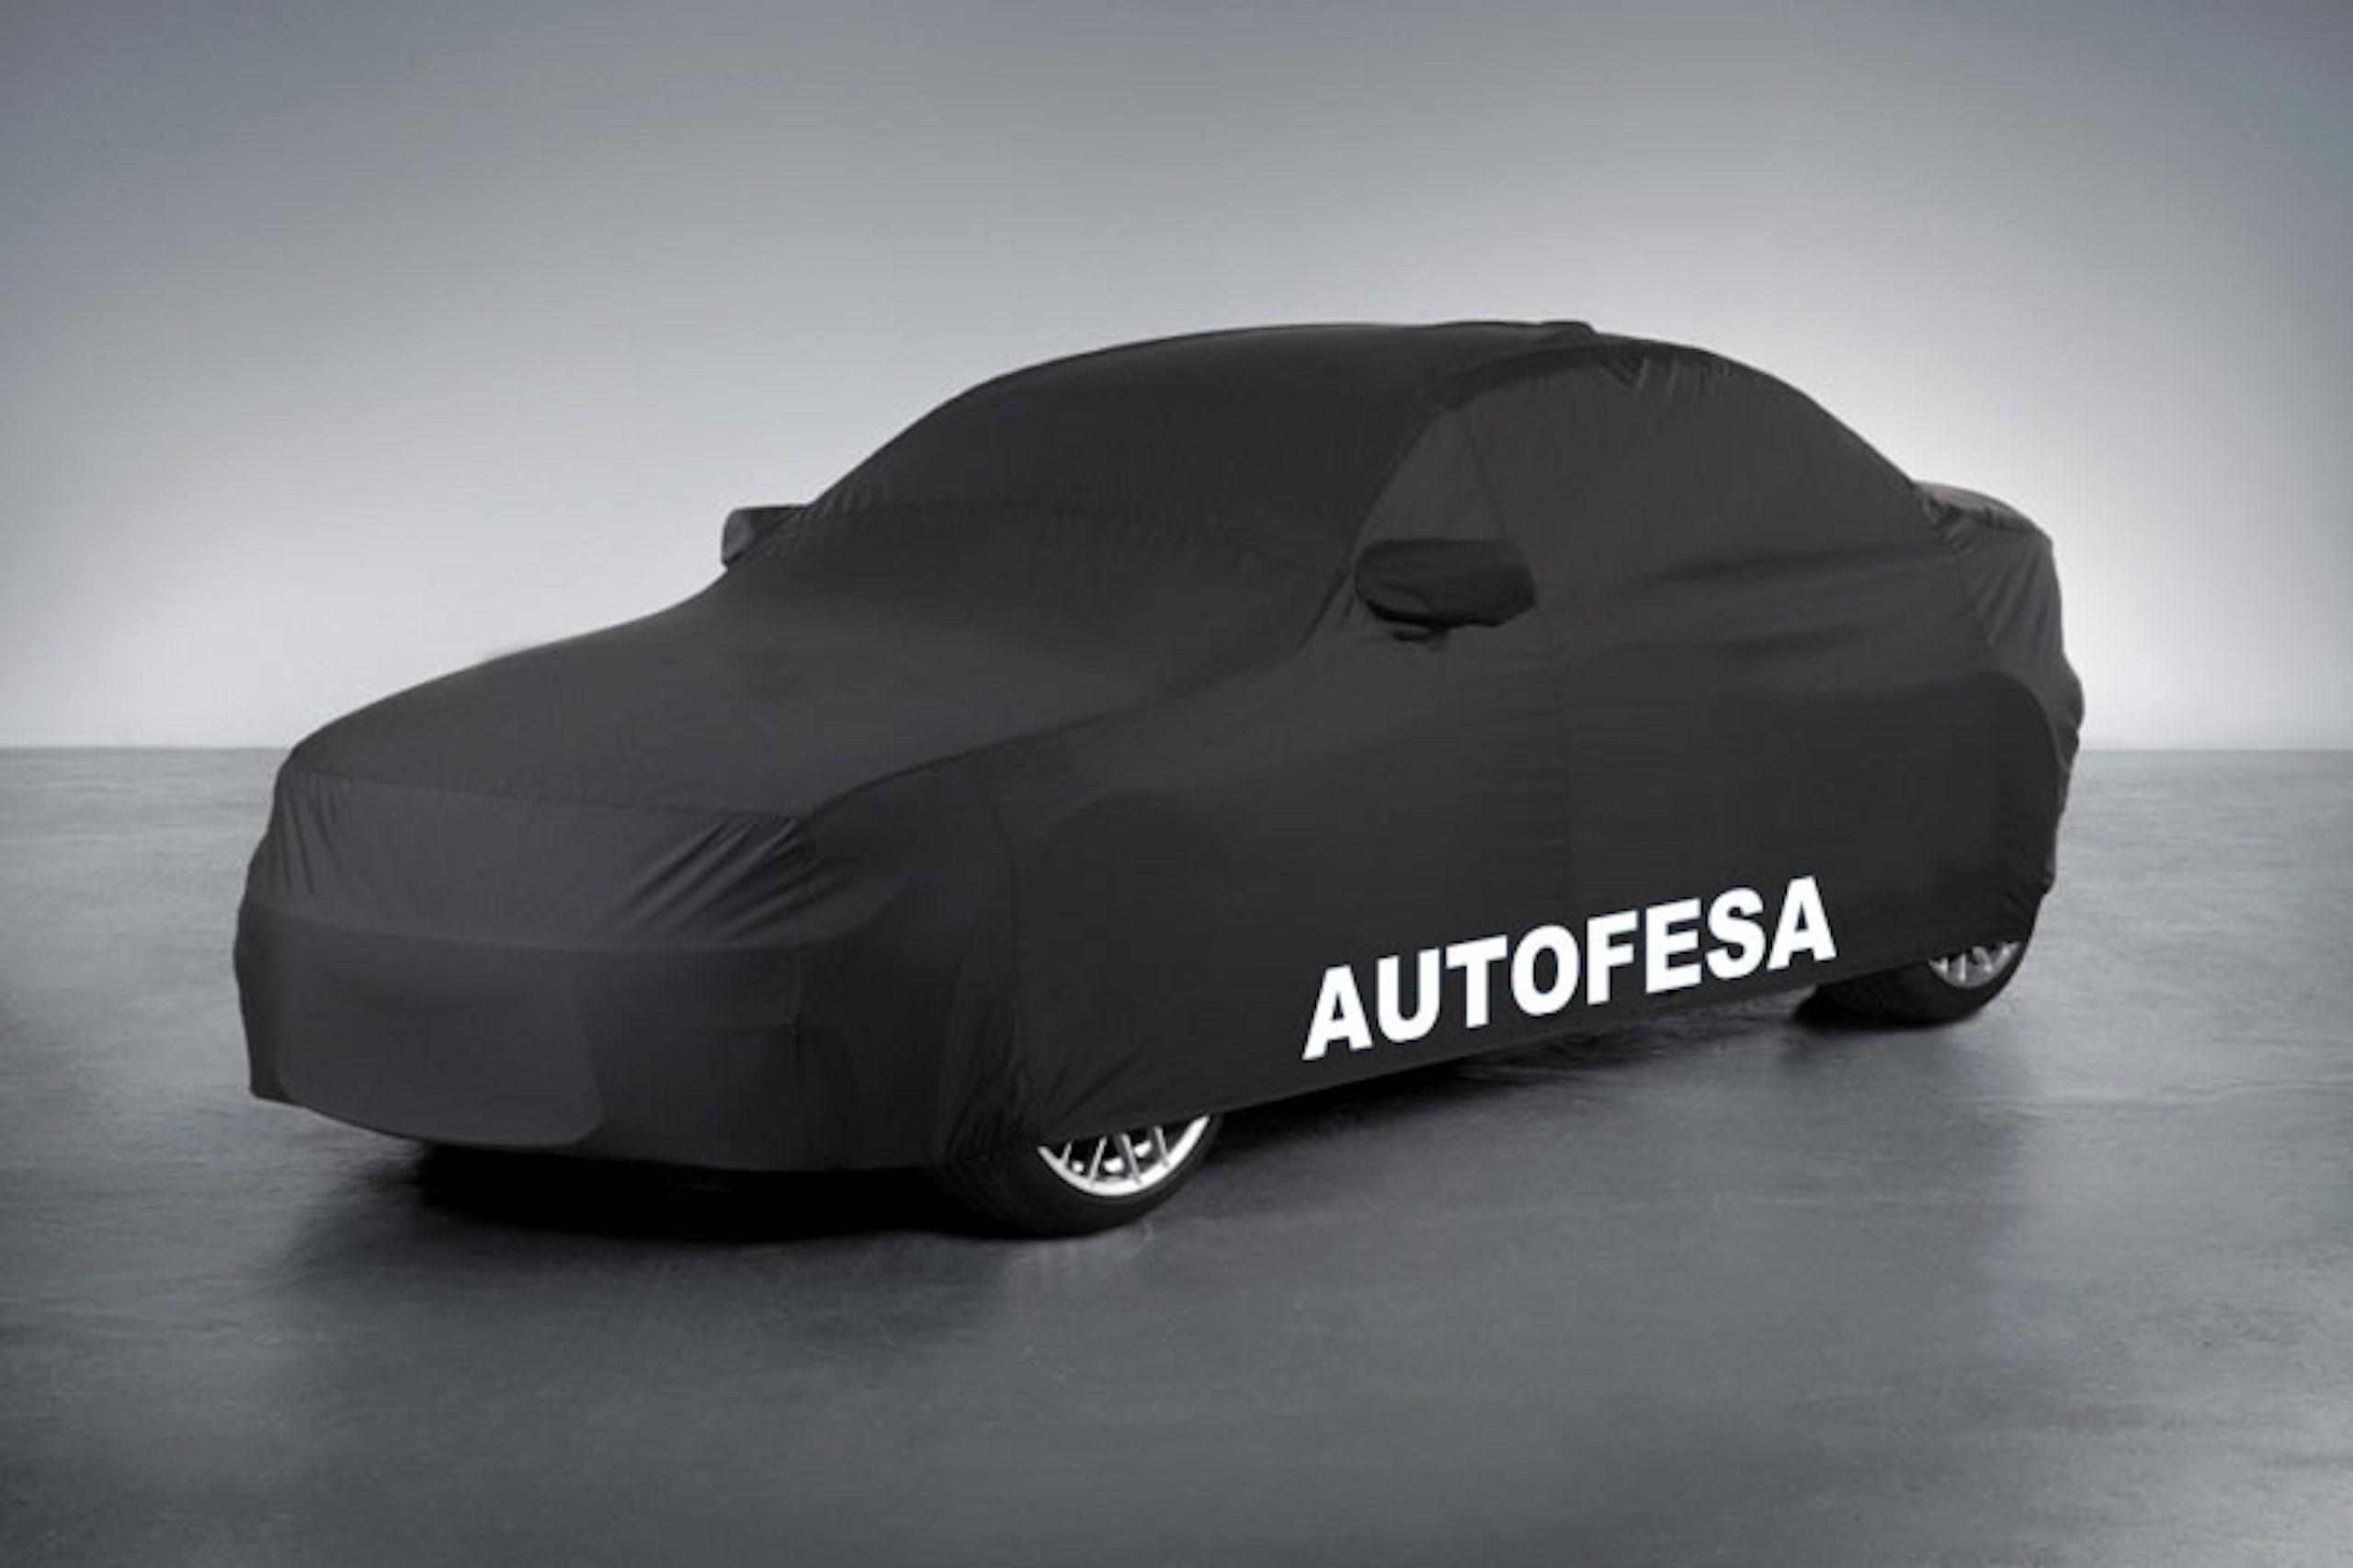 Audi A4 Avant 2.0 TDI 150cv Auto 5p S/S - Foto 11